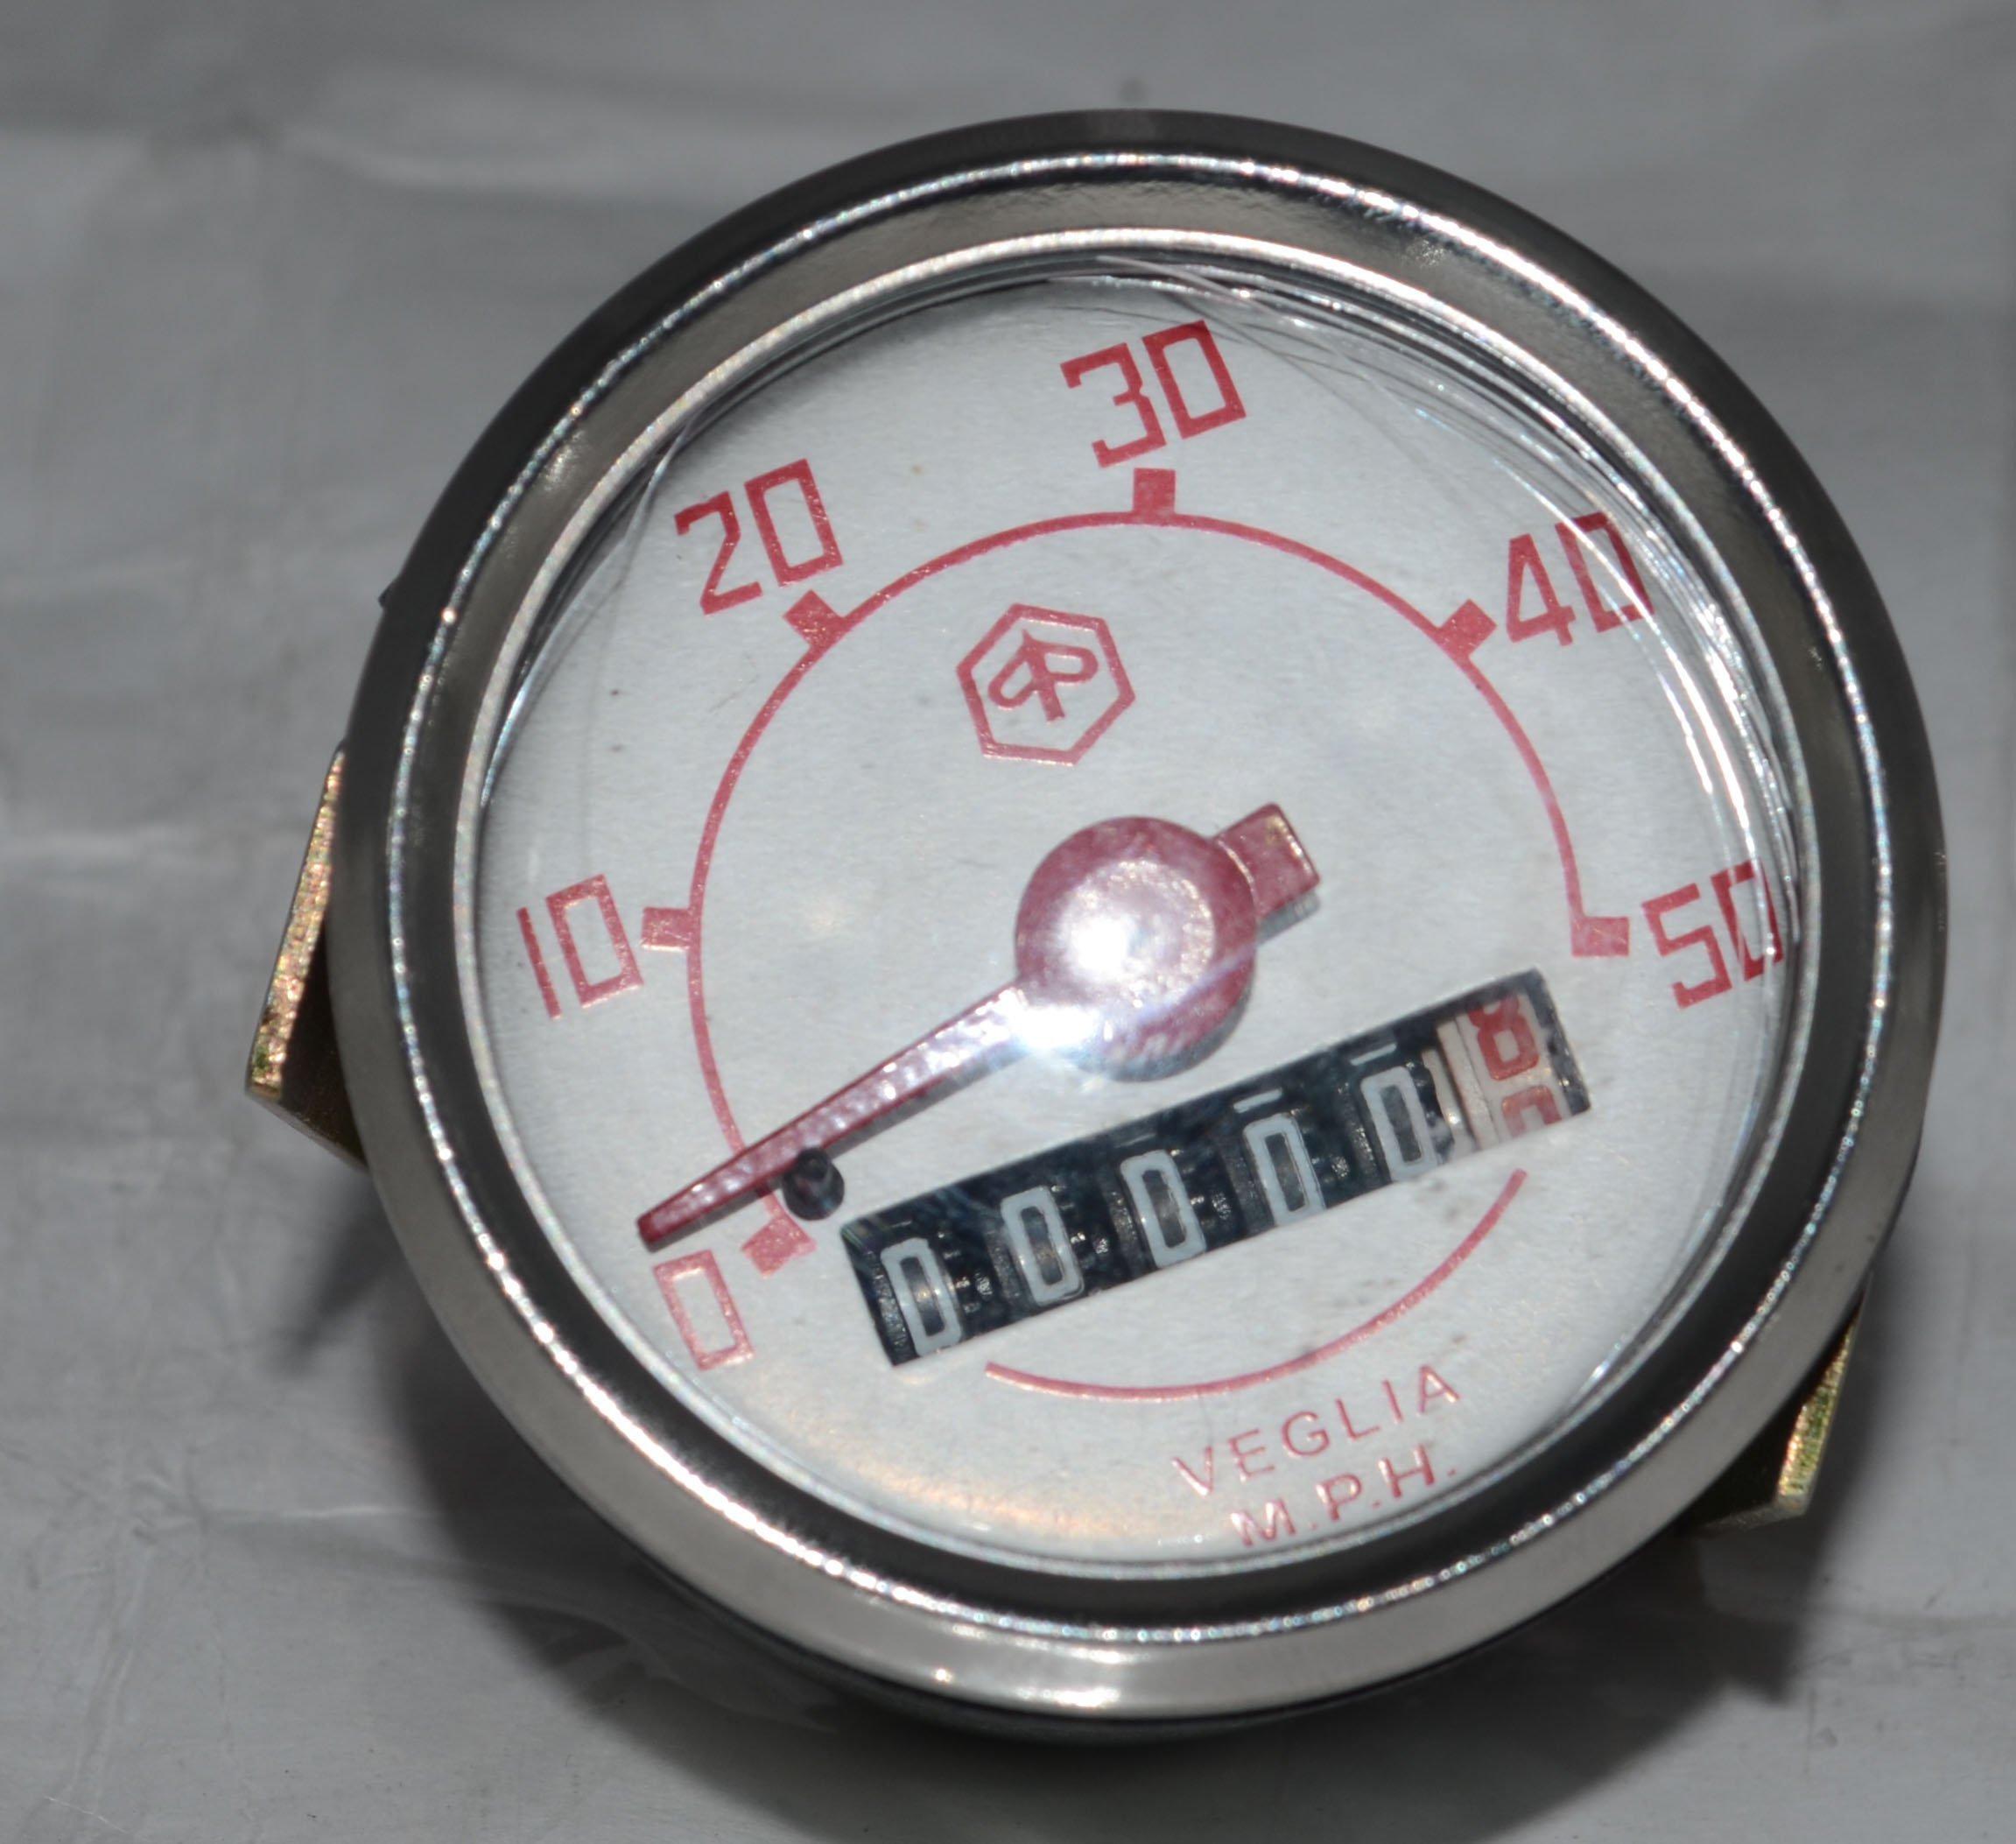 RS Vintage Parts RSV-B018FVK93S-01395 Motorcycle Parts A72 Repro Lucas Ammeter Ampere Meter 8 Amp Bsa Triumph Ariel AJS Norton by RS Vintage Parts